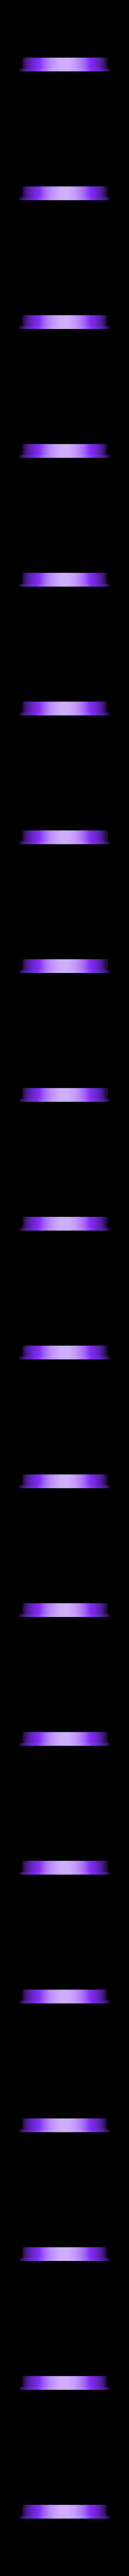 Flash escudo.stl Télécharger fichier STL gratuit Découpeur de biscuits Flash • Modèle pour impression 3D, insua_lucas